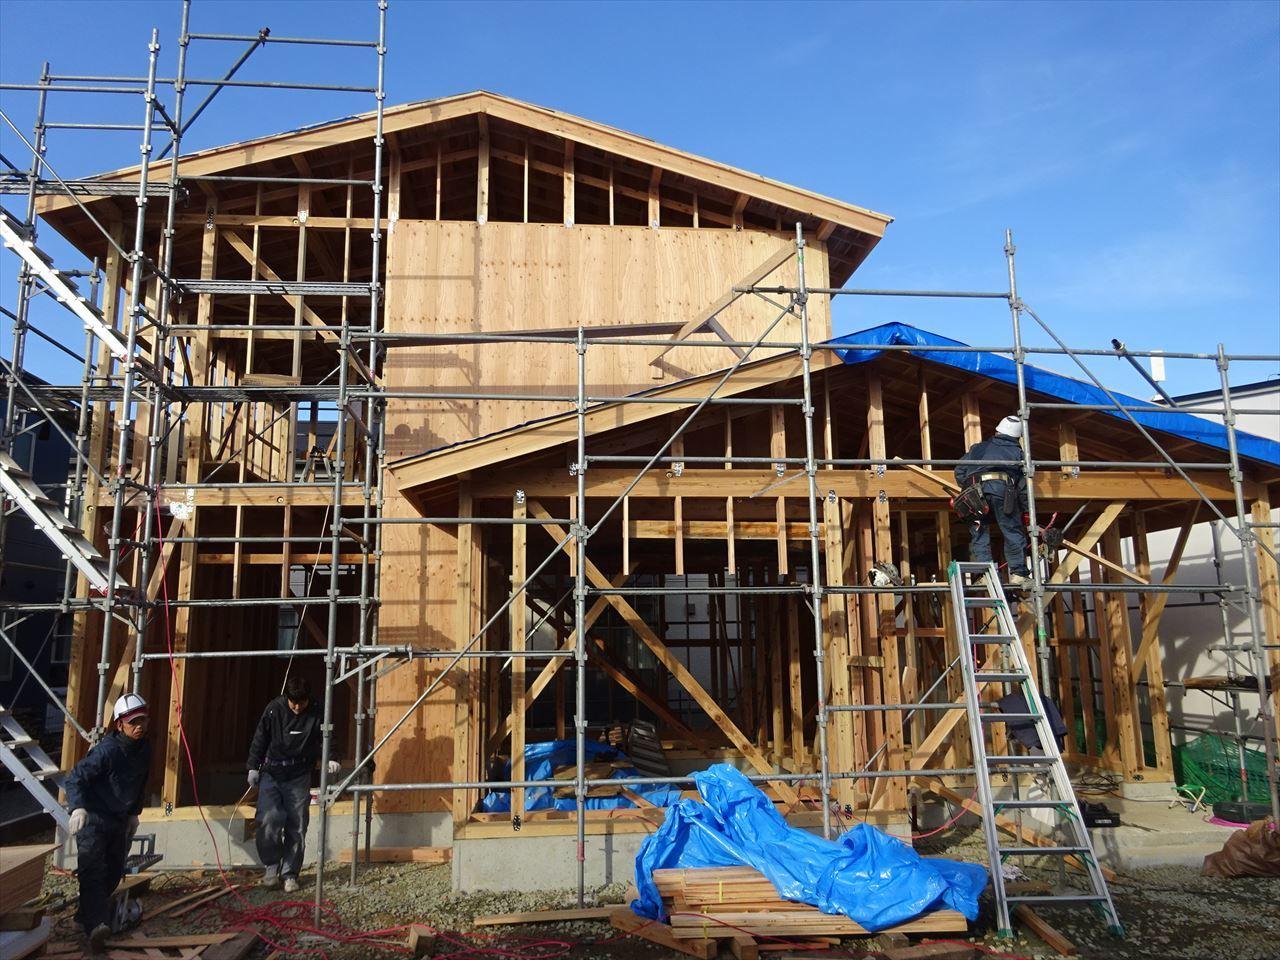 下太田 古材新築の家 建て方作業進行中です。_f0105112_04083050.jpg